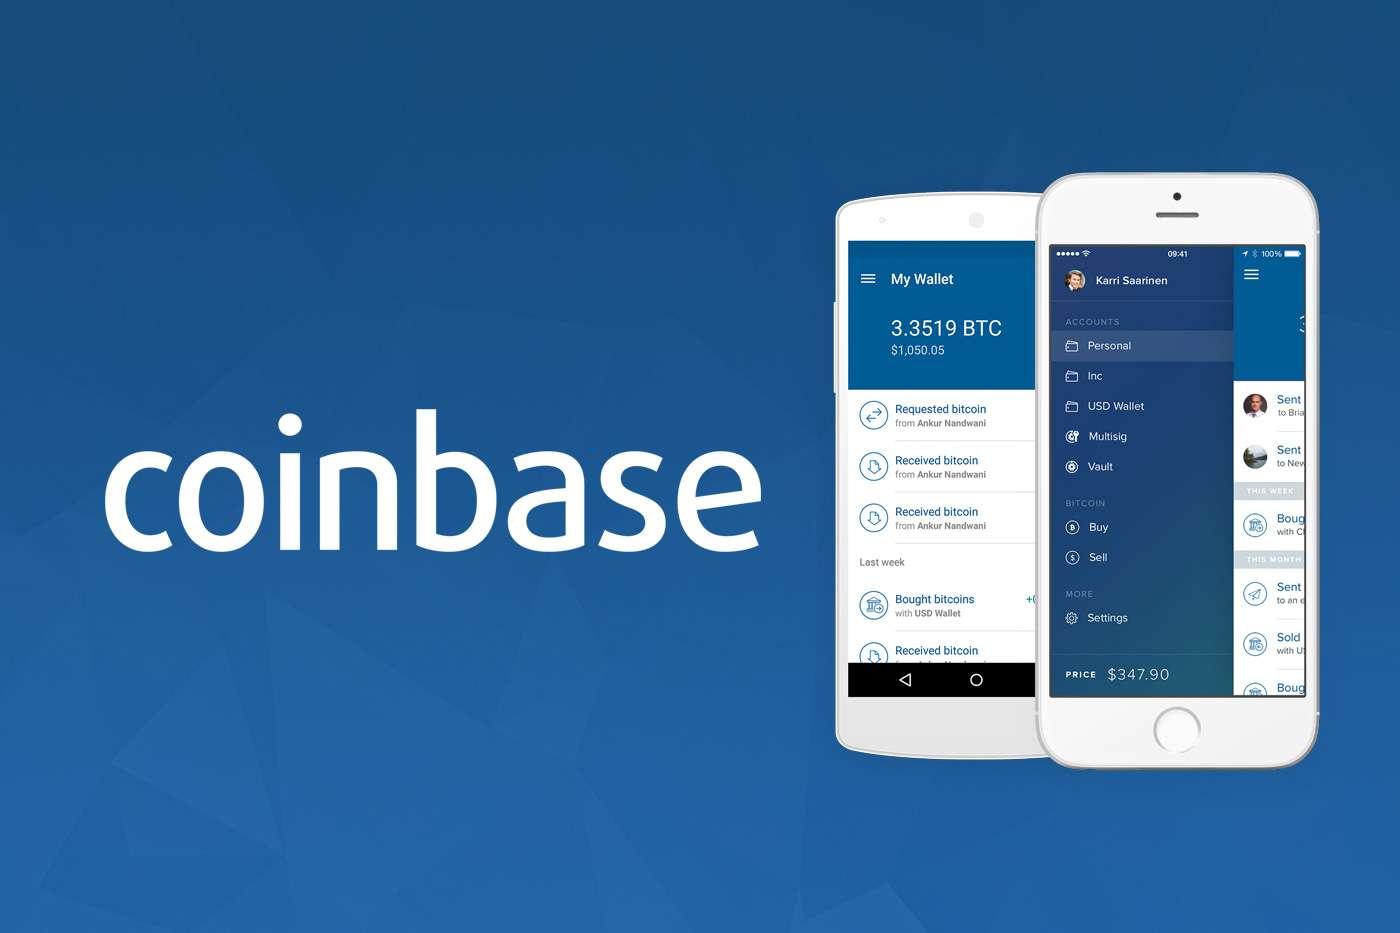 Coinbase - kupuj kryptowaluty za pomocą karty kredytowej/debetowej